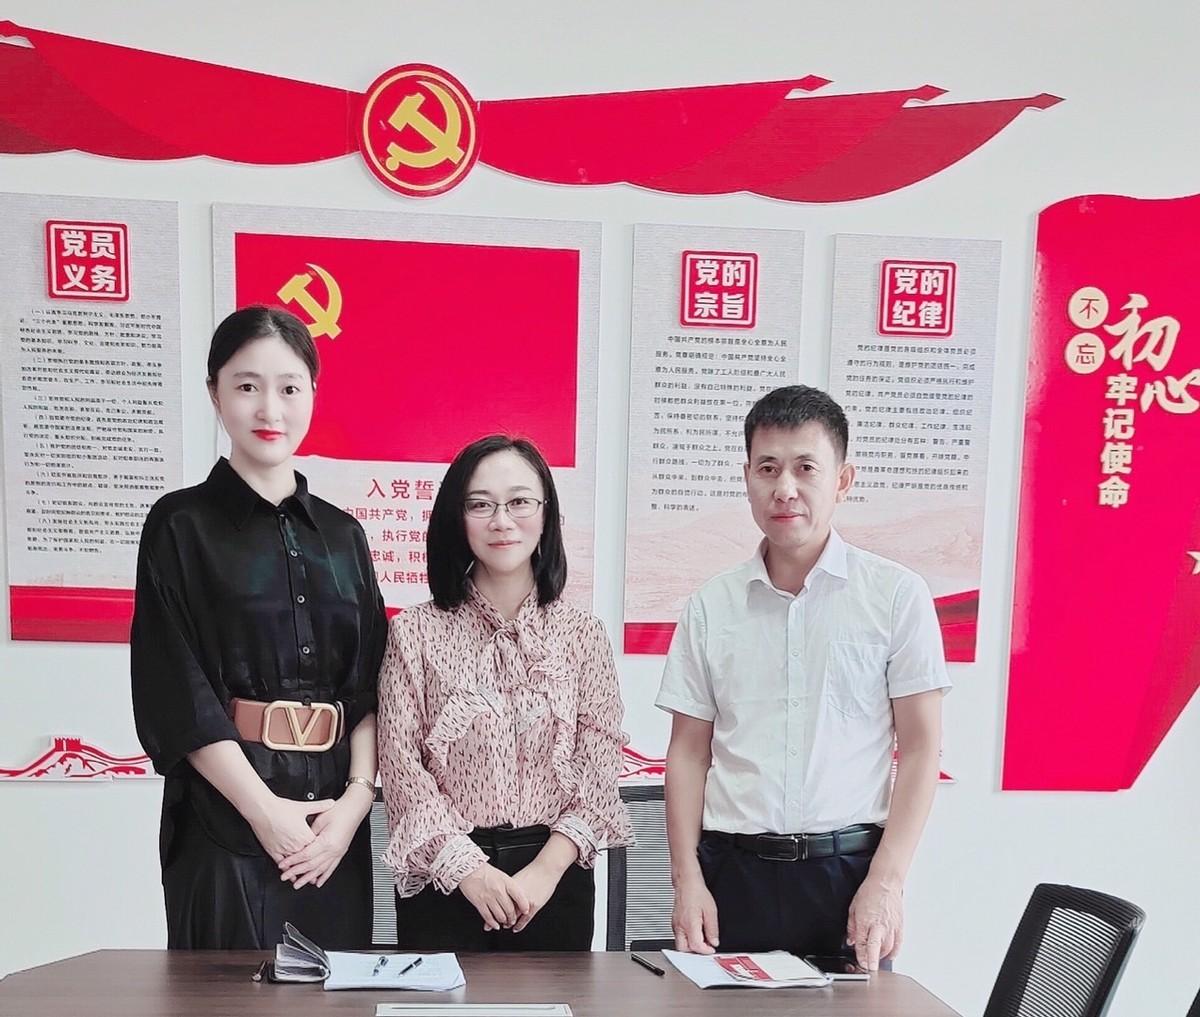 河南绿源车业与北京时代传媒达成整合营销战略合作